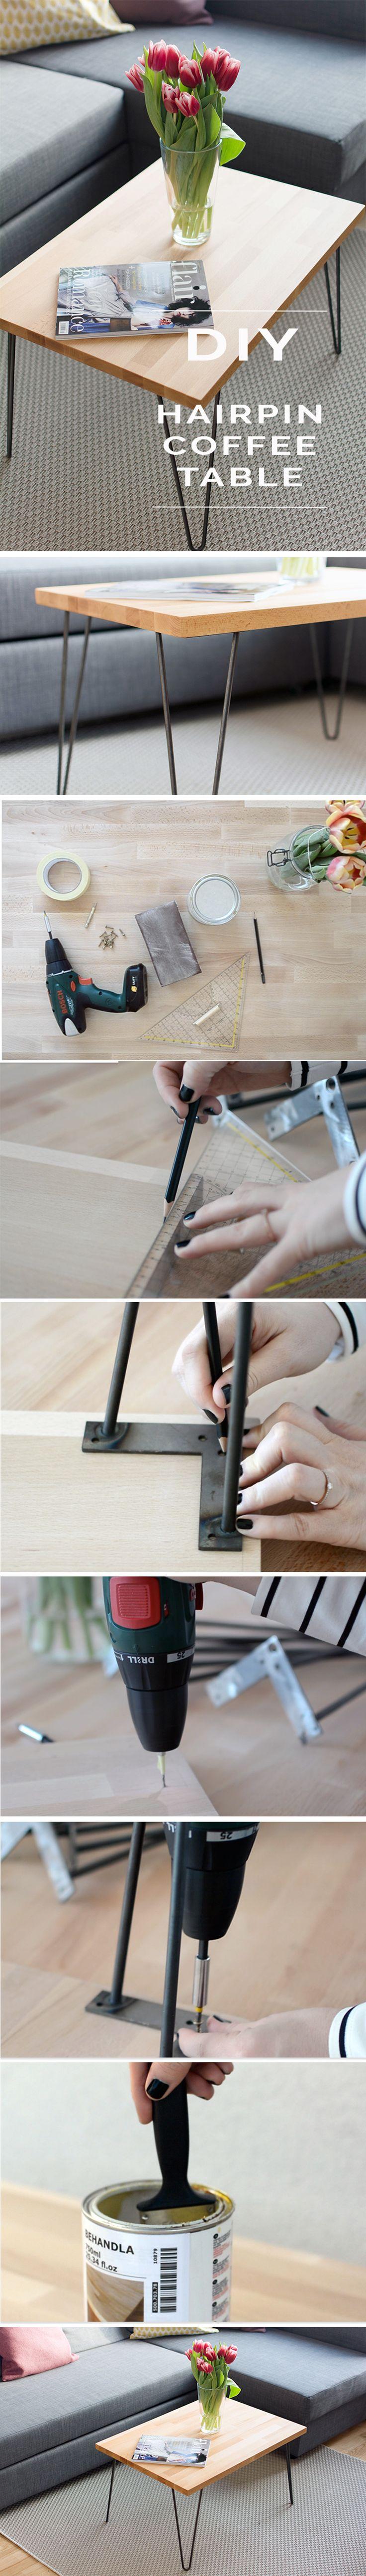 DIY ^ coffee table ^ hairpin legs ^ interior ^ living room ^ steel legs